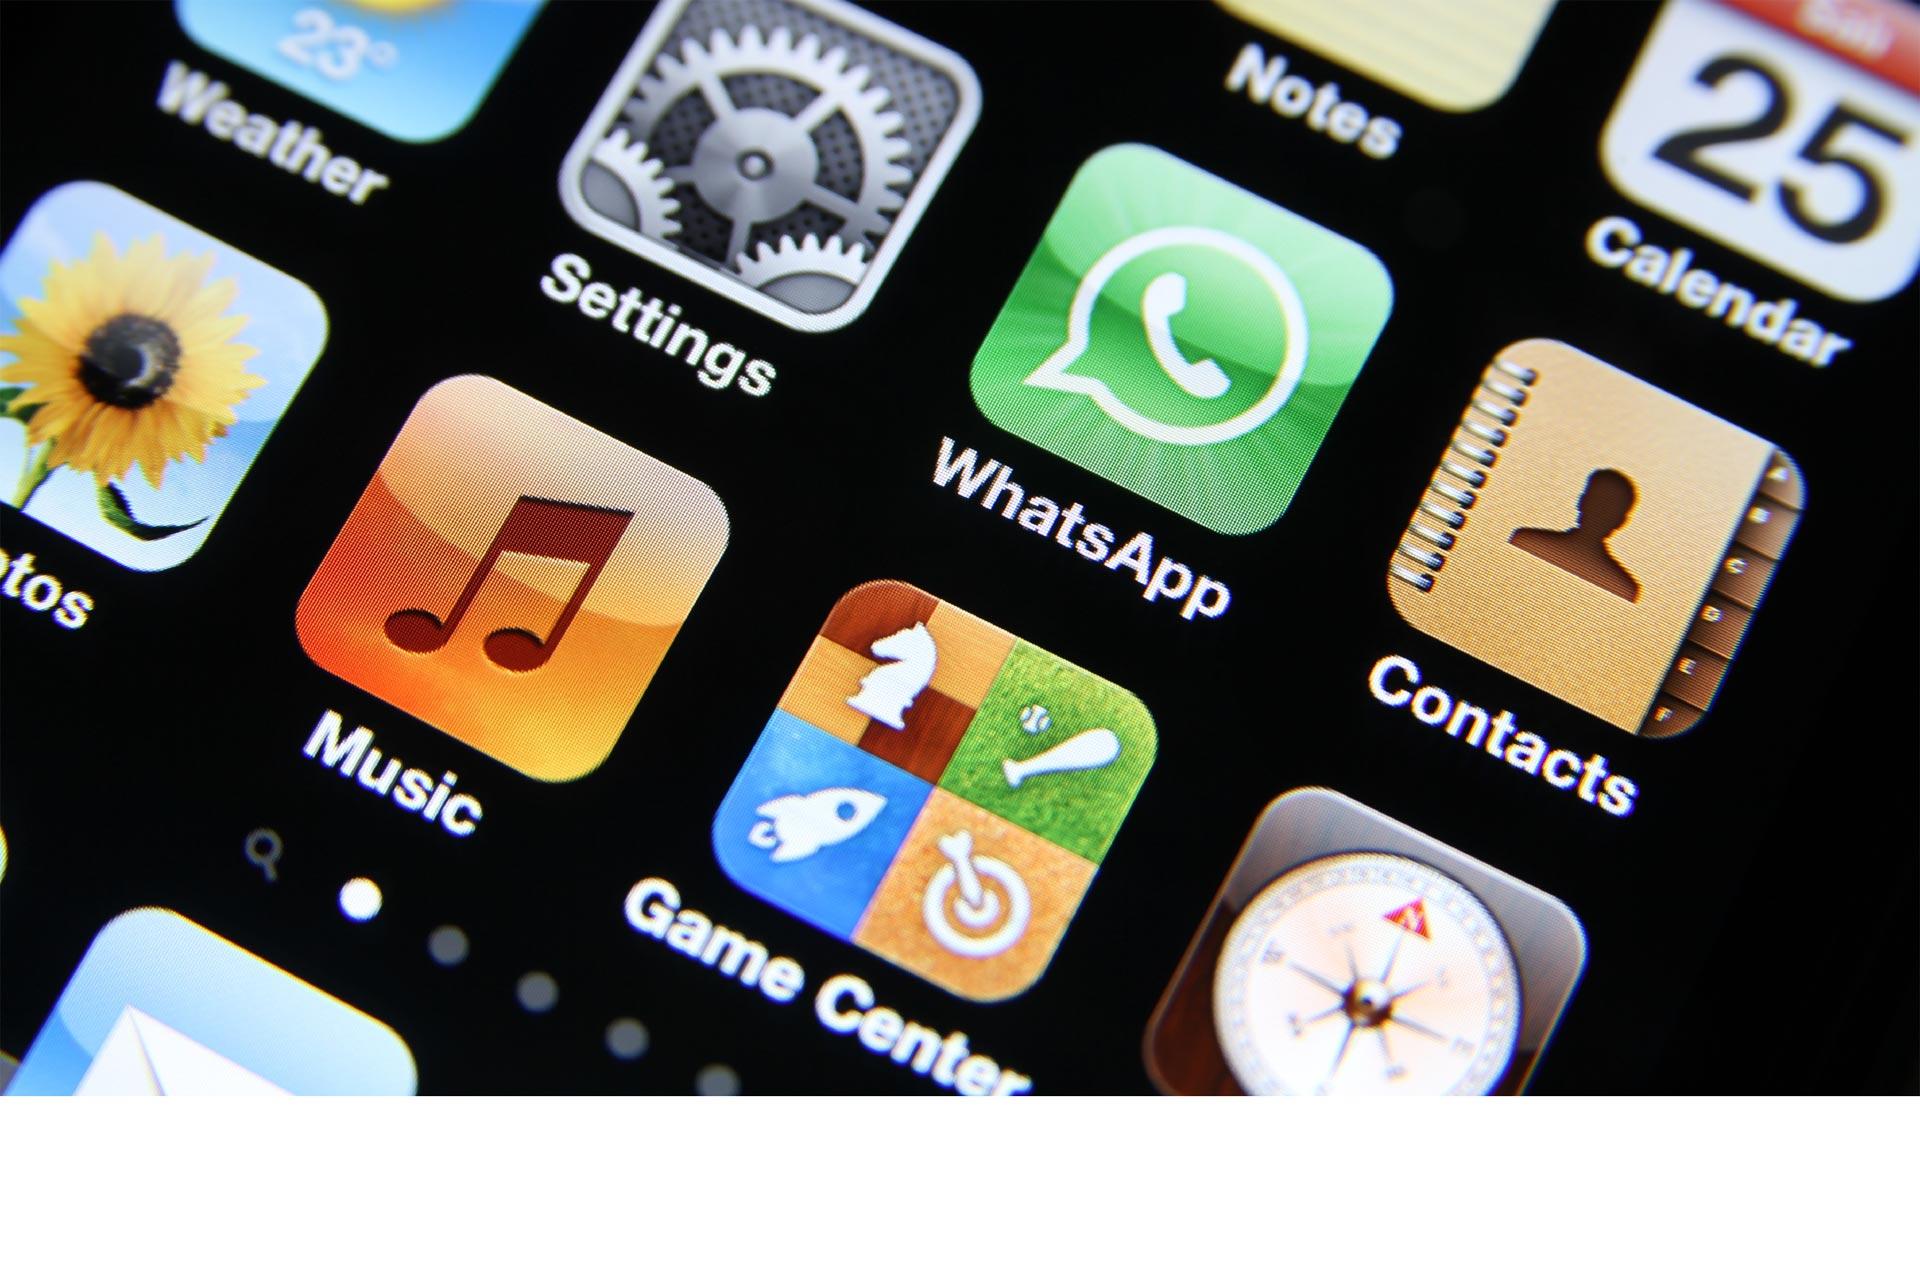 Un truco por la Internet bloquea los teléfonos